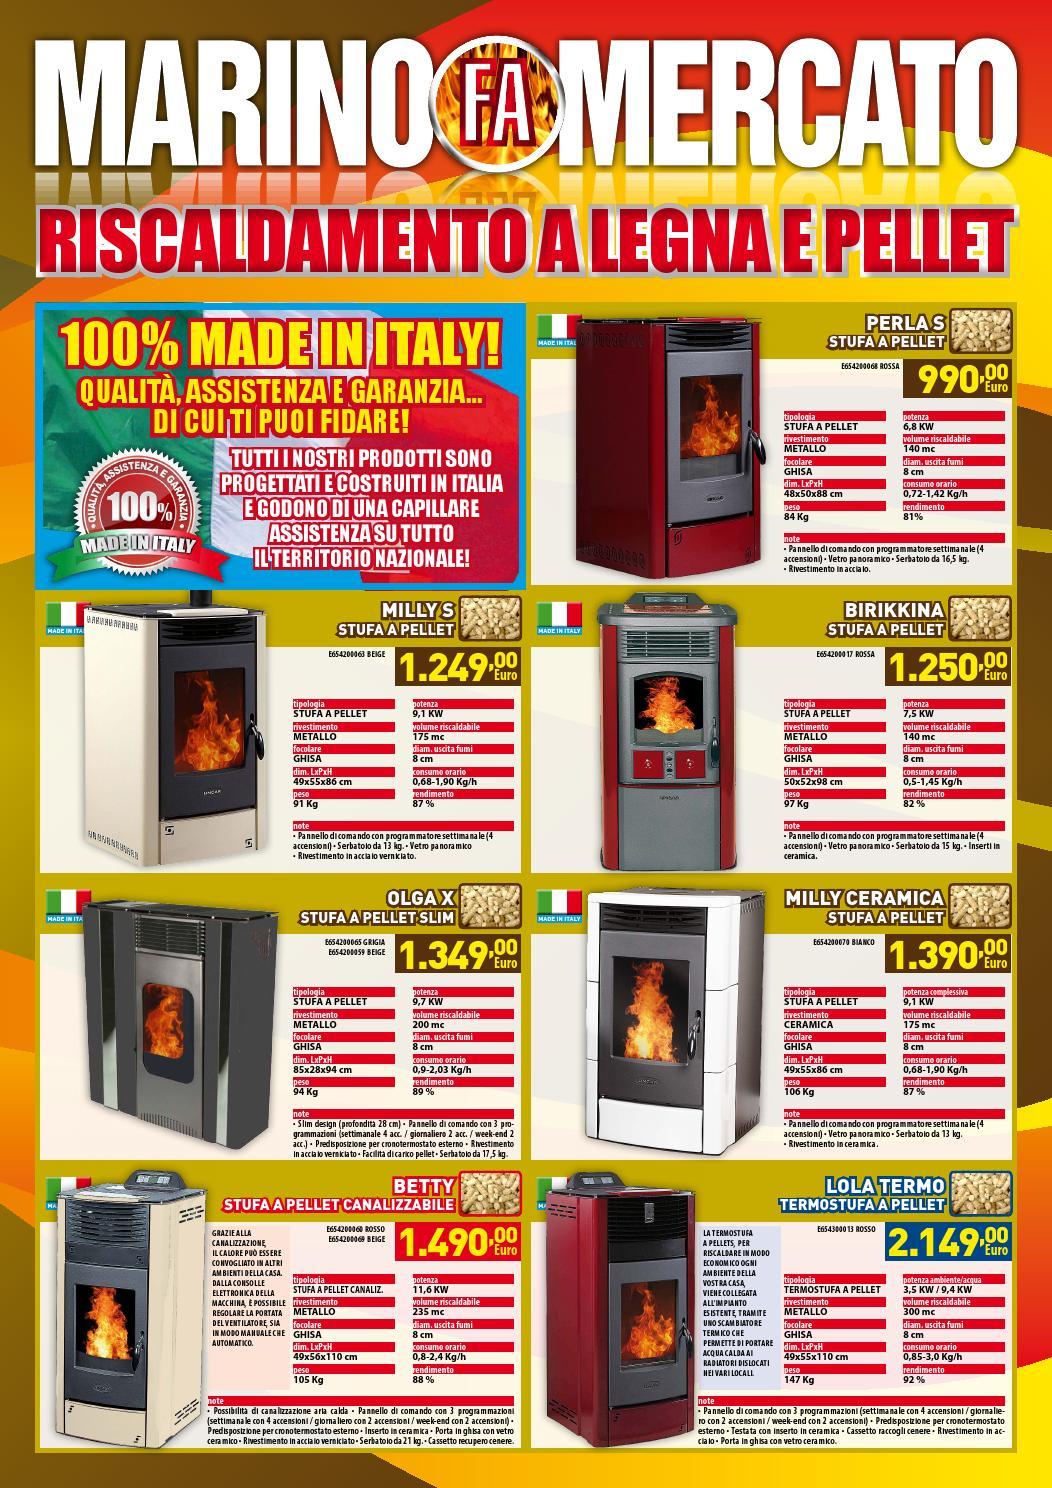 Marino fa mercato riscaldamento 2013 14 by marino fa for Marino fa mercato letti